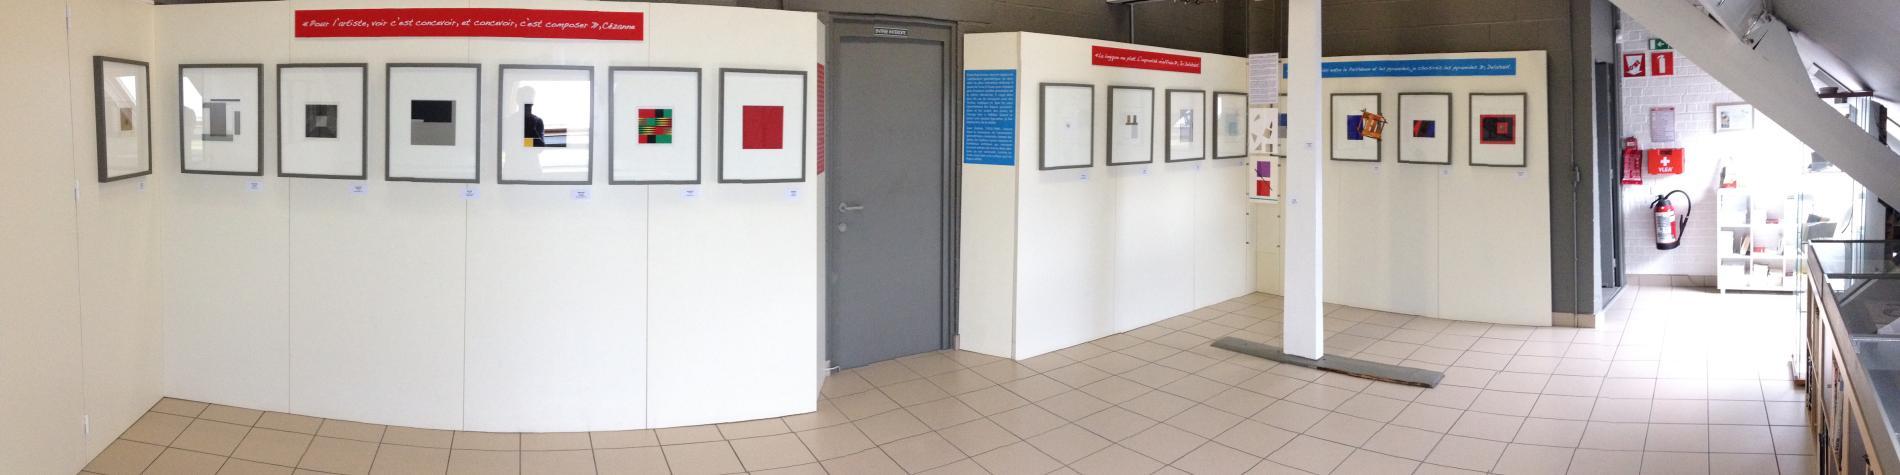 Musée - attraction - art contemporain - Treignes